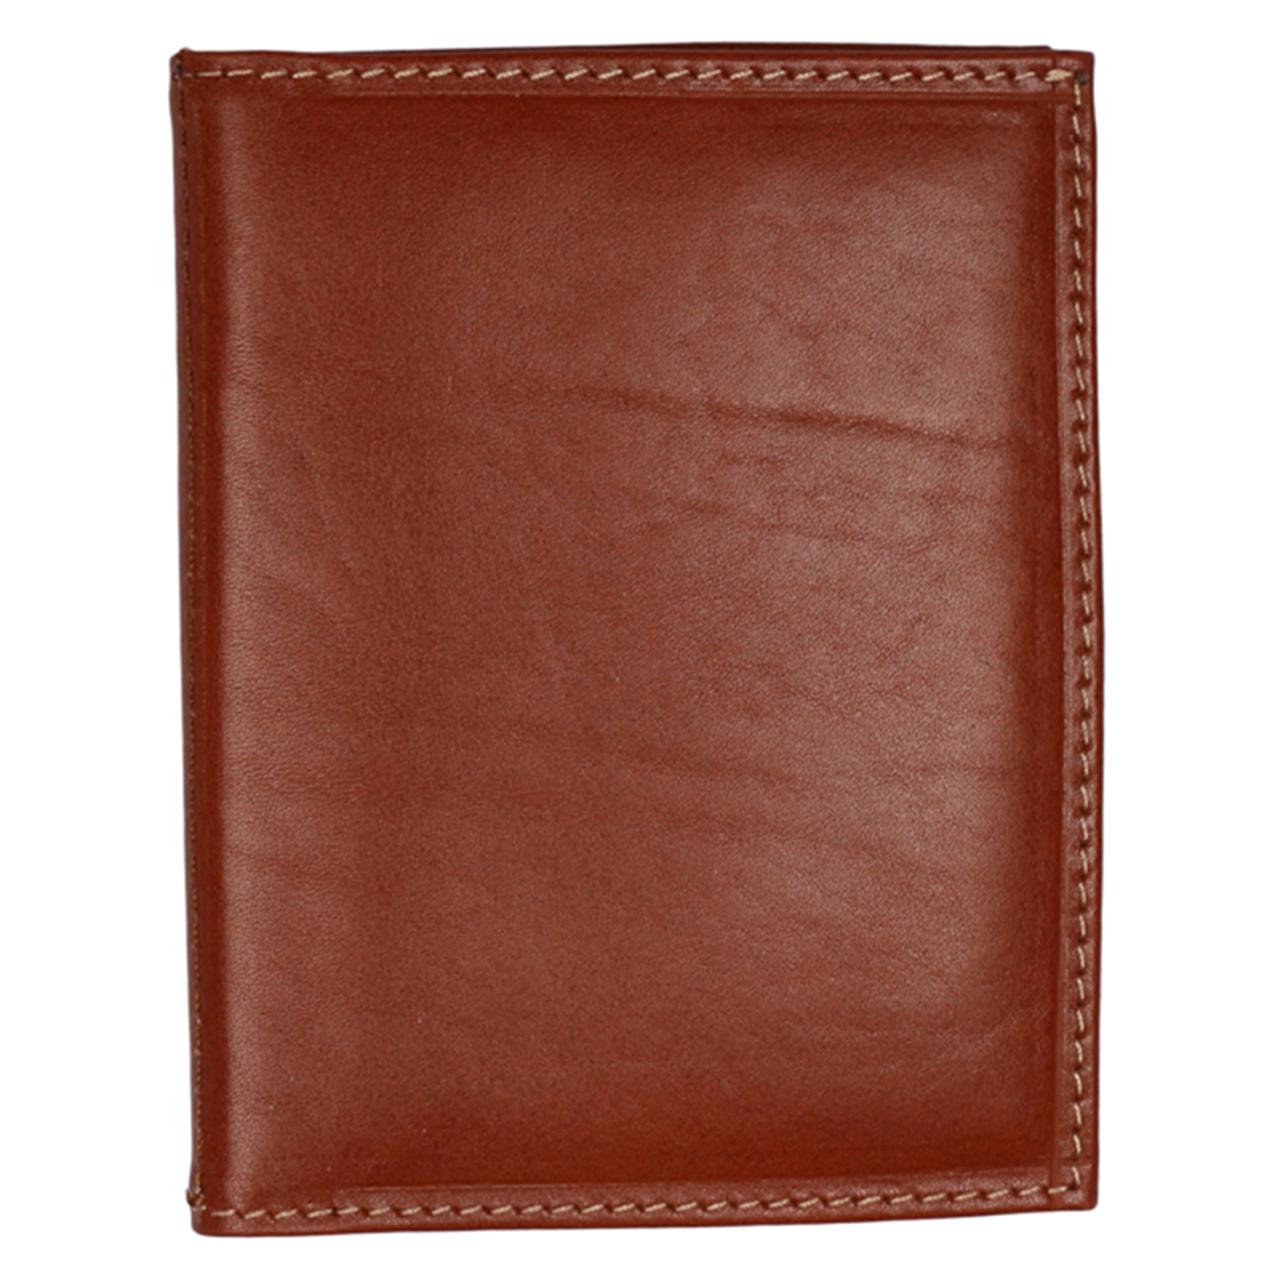 کیف پول جیبی کد M10-Brown